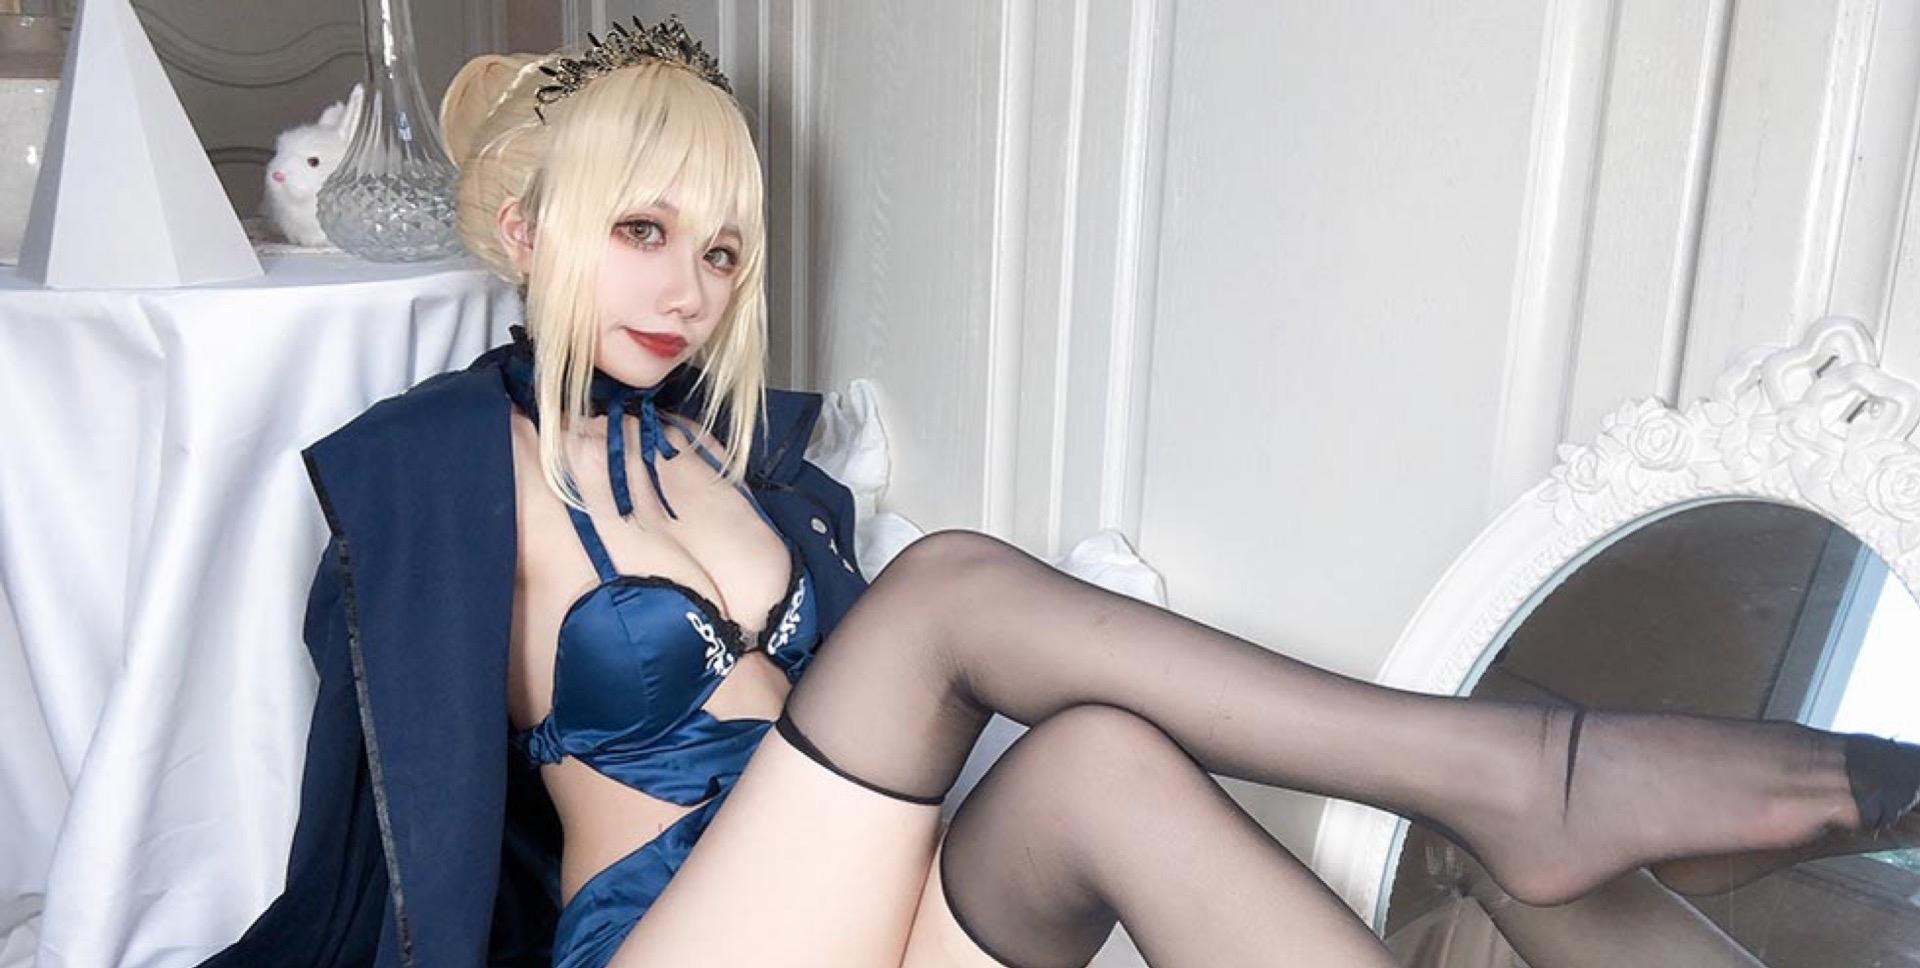 蓝色情趣内衣女孩的诱惑